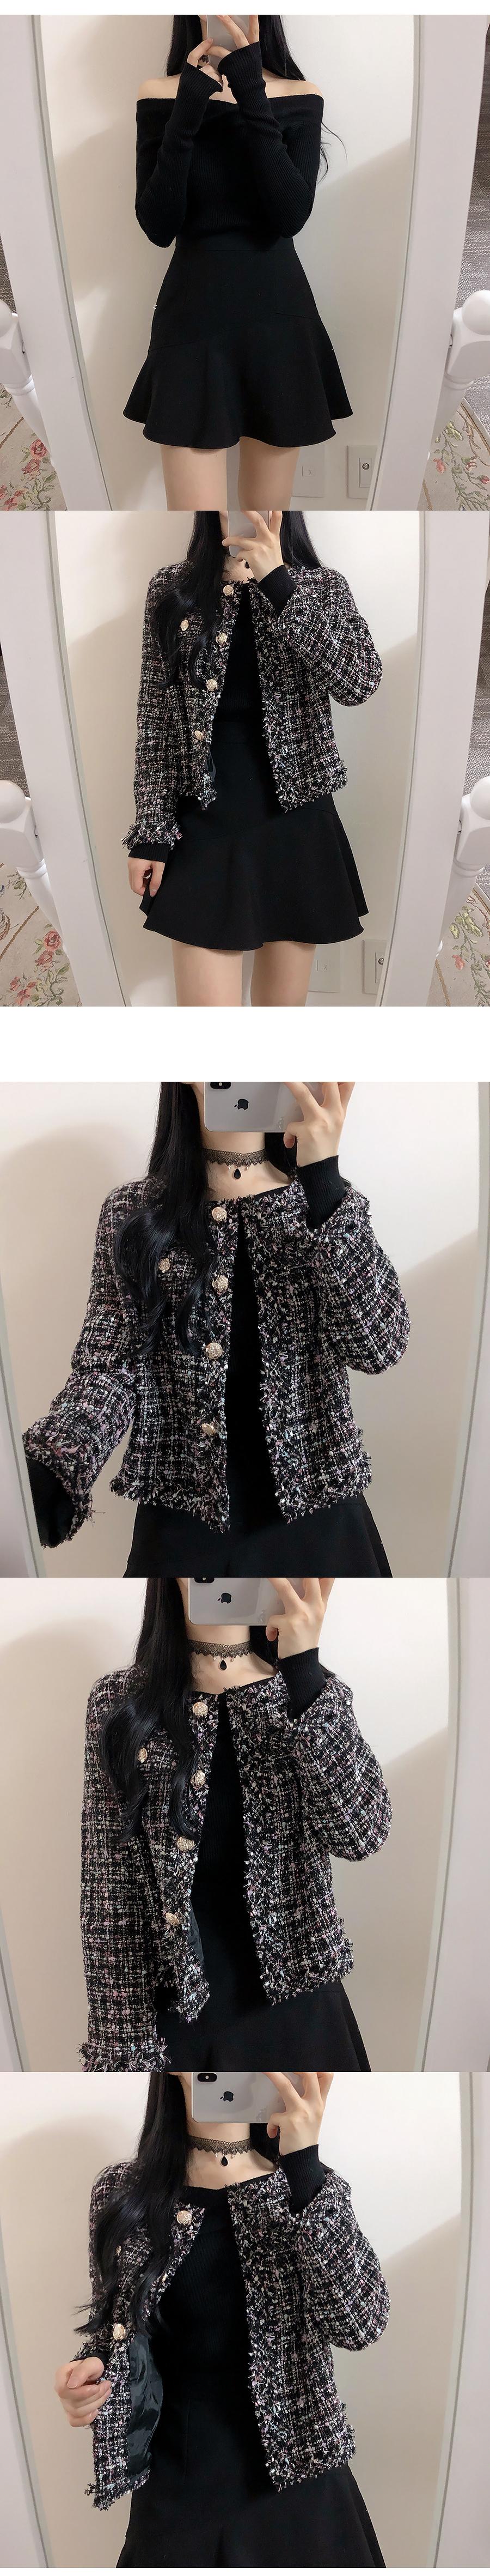 기획특가♥수아 트위드 자켓(크림,블랙)